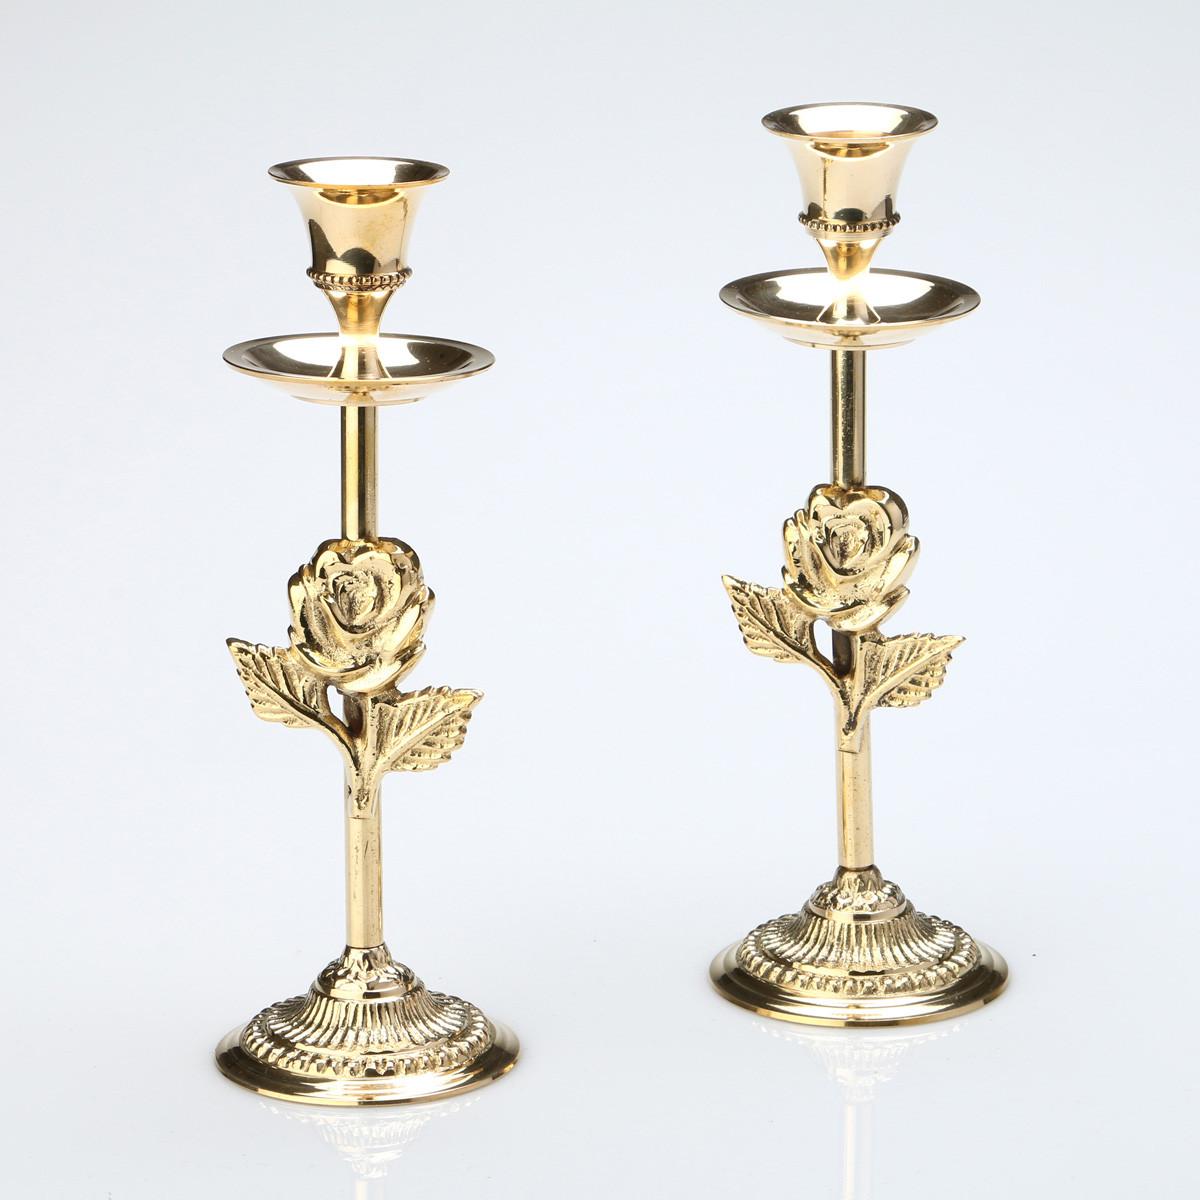 Купить Декоративные свечи Arti-M, Подсвечник Loyared (19 см - 2 шт), Индия, Латунь